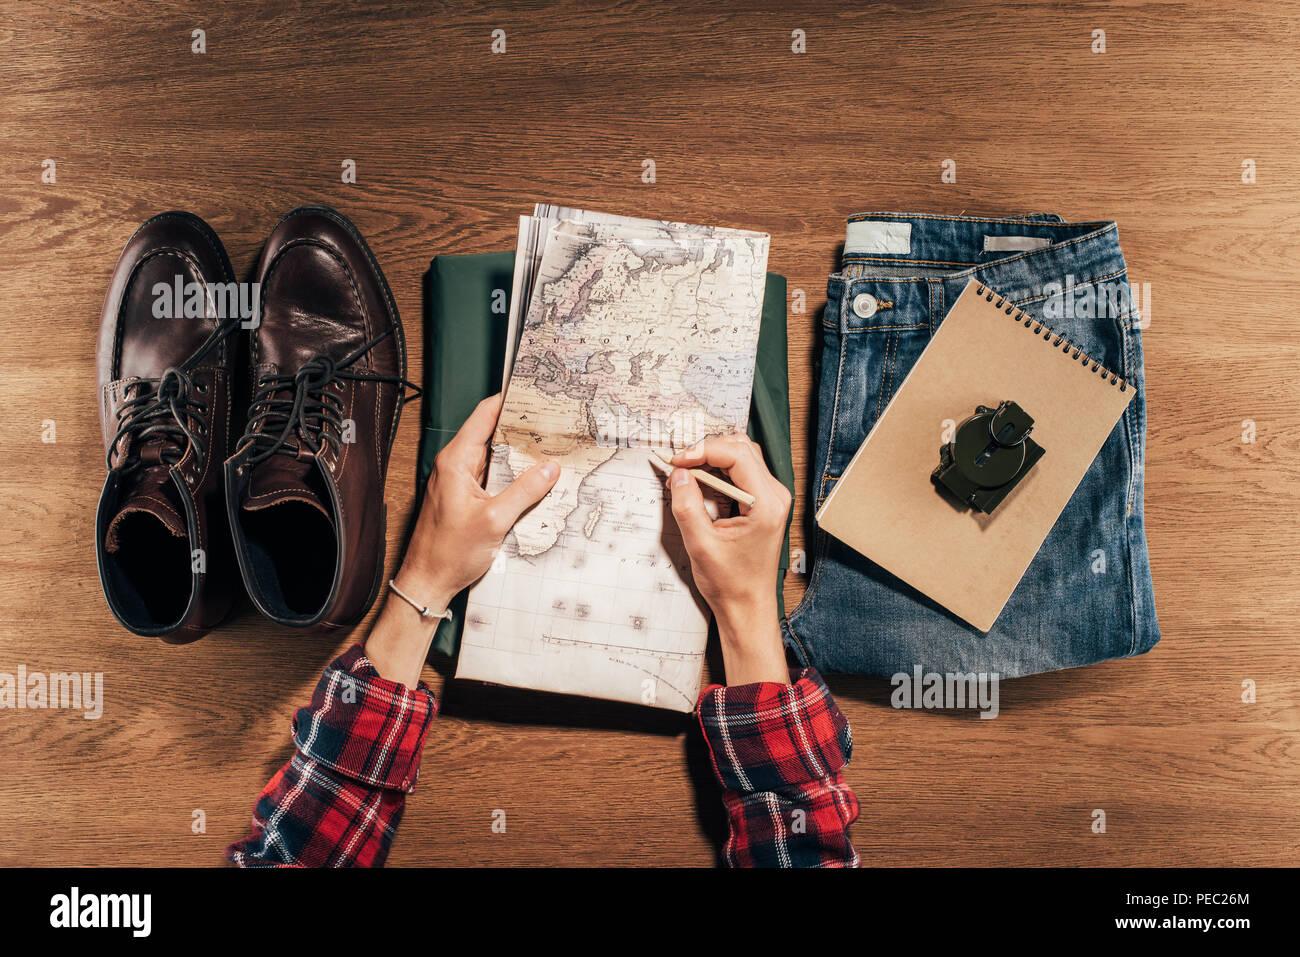 Vista in pianta parziale della persona in possesso di mappa e traveler impostato sul tavolo di legno Immagini Stock